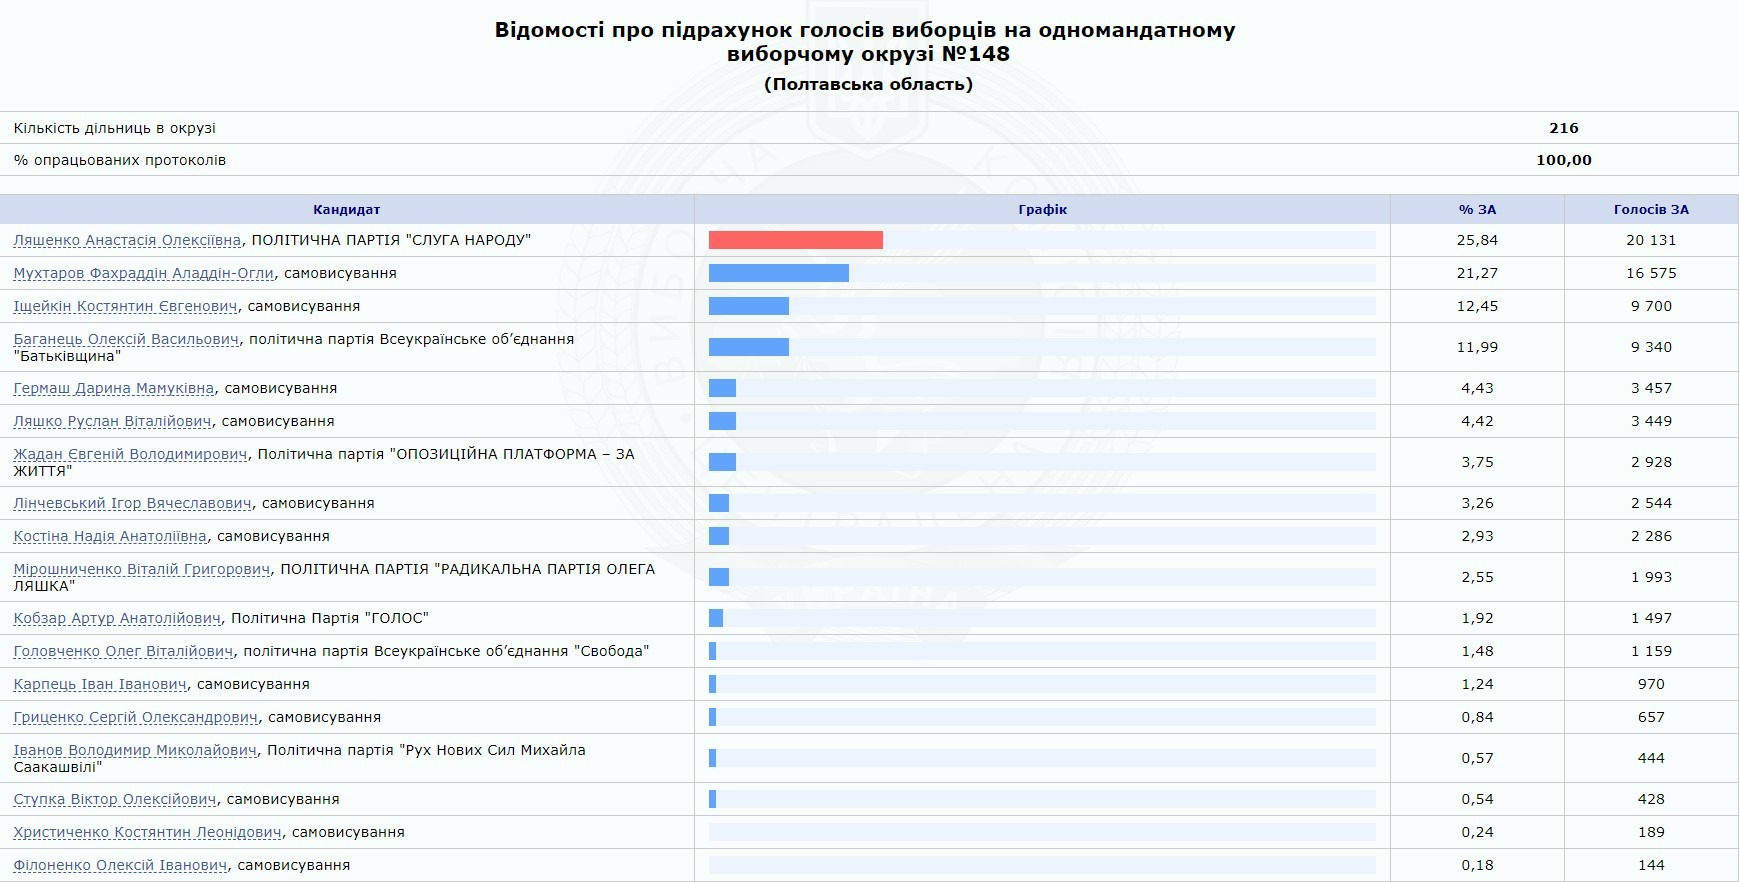 Результати виборів до Верховної Ради на 148 окрузі